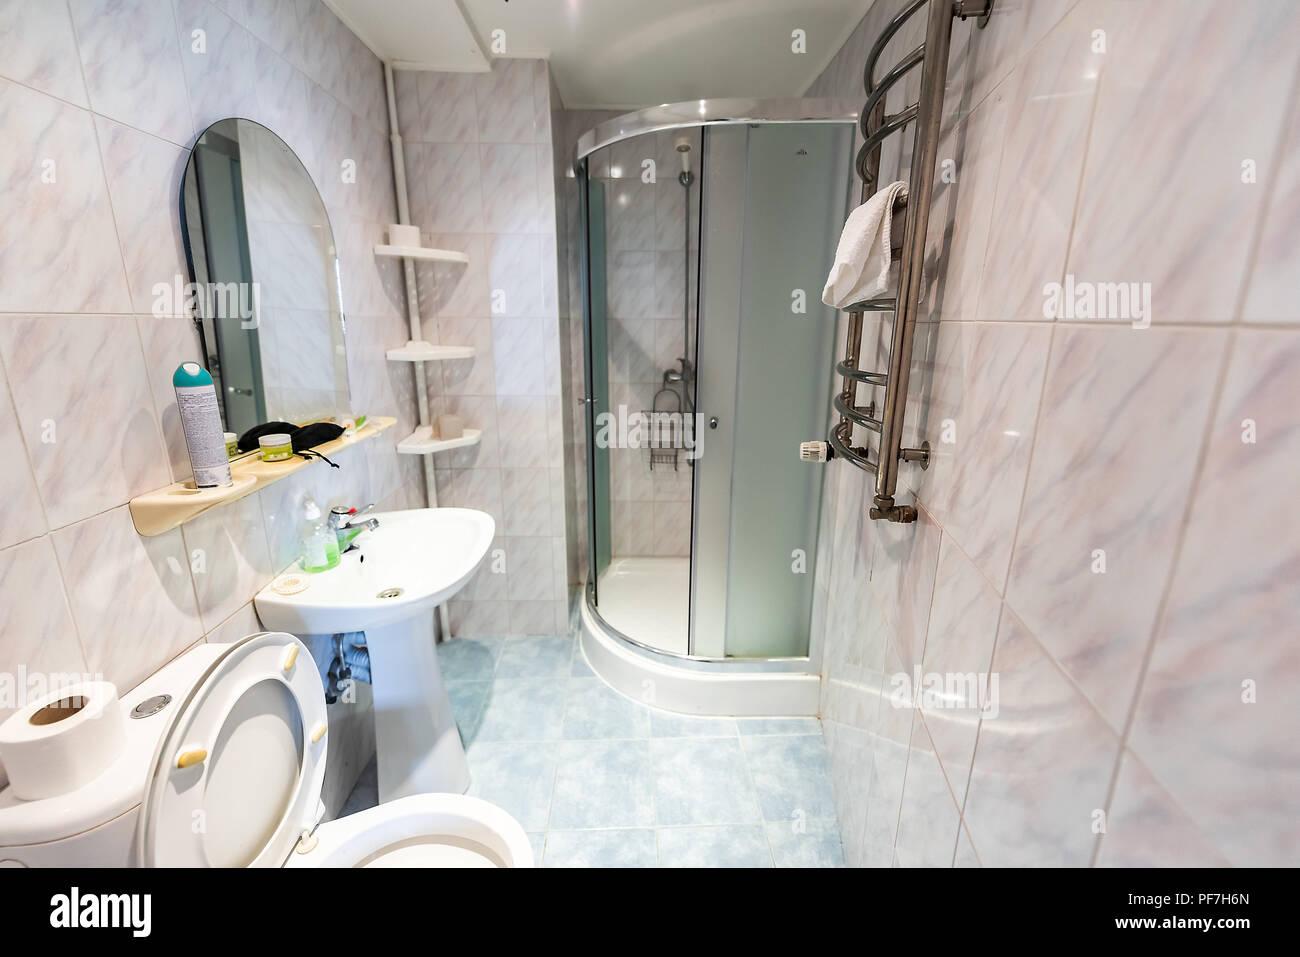 Neue, Saubere Inszenierung Modell Heim, Haus, Hotel Oder Apartment  Guesthouse Dusche Badewanne Badezimmer Europäischen Altmodische Alte  Innenraum, Niemand, ...